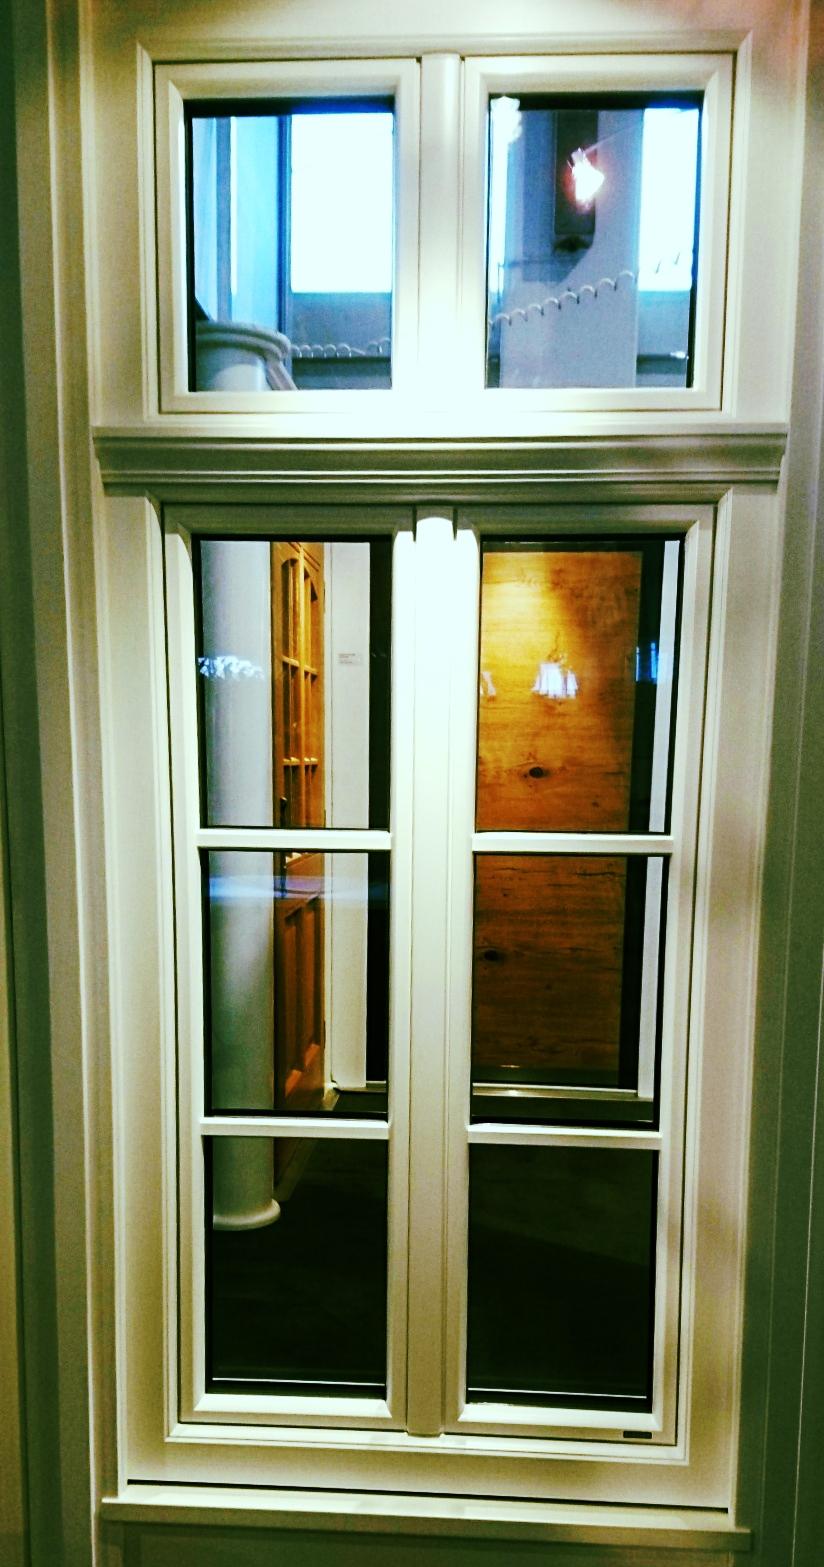 4 flg. Holz/Alufenster, System contour, mit waagrechtem Zierkämpfer und 26 mm Aufklebesprossen